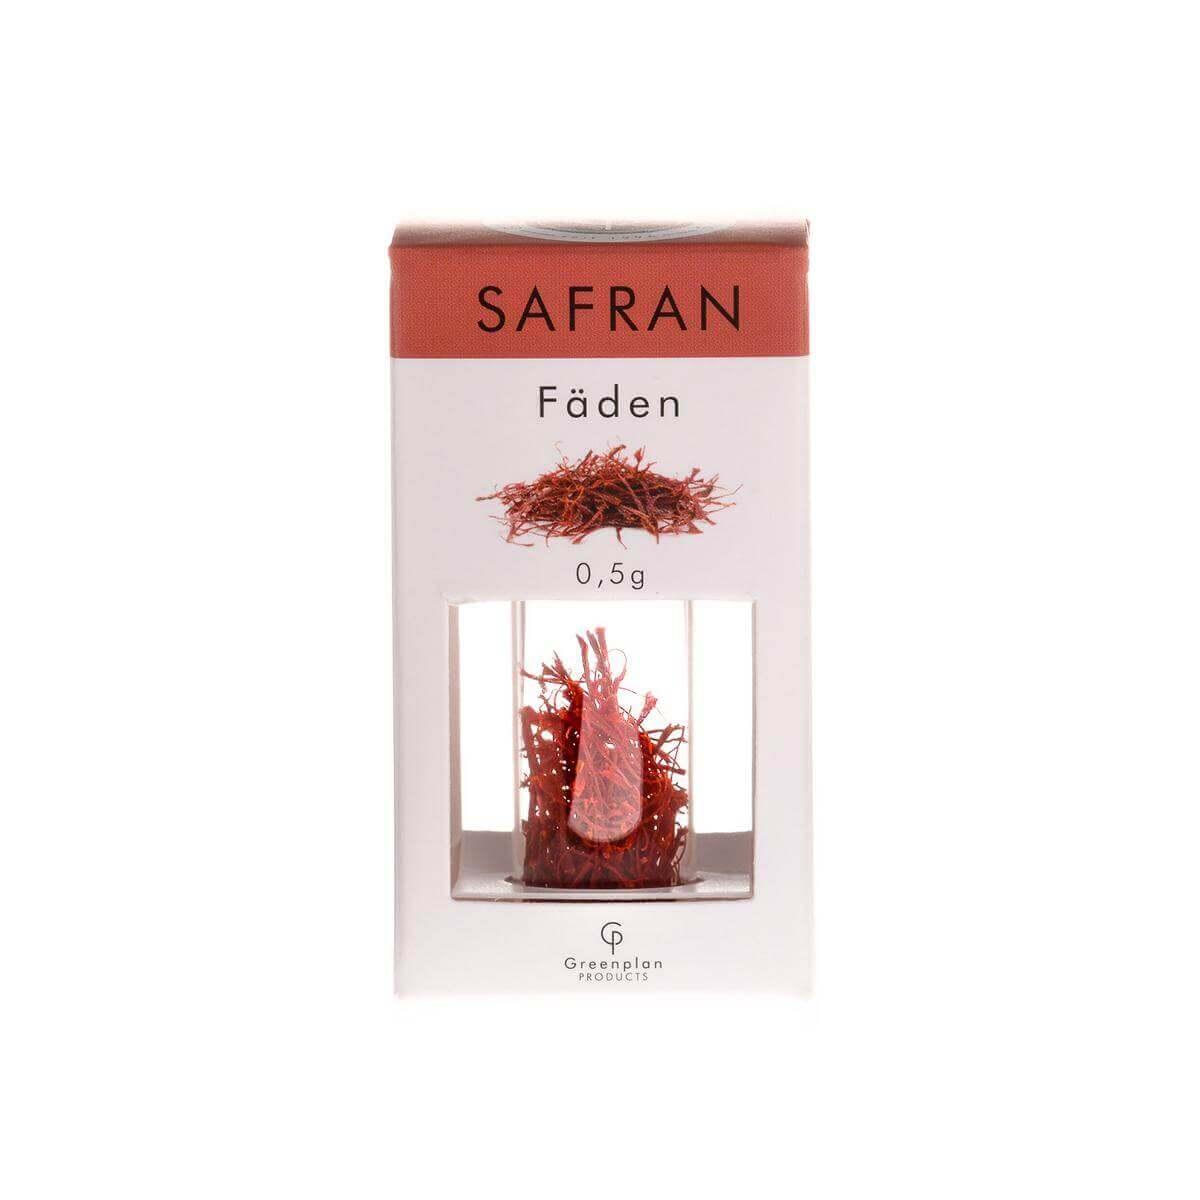 Iranische Hochland Safranfäden, Negin 1.Qualität Safran – Safran Fäden (1g) Safranfäden in Premium-Qualität